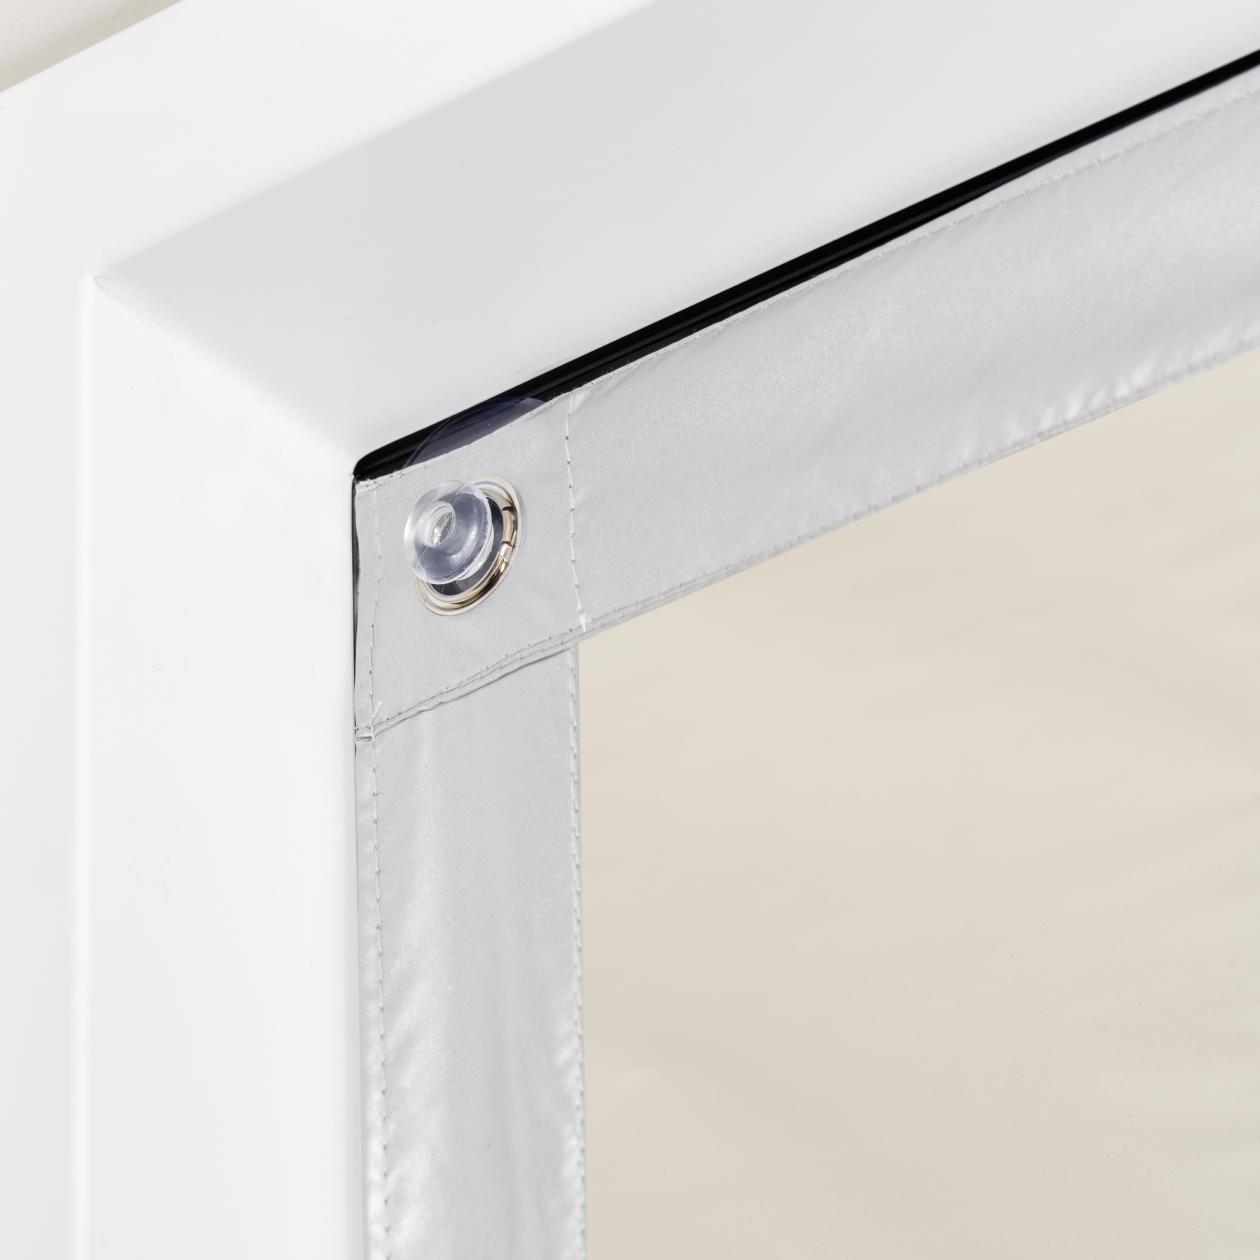 dachfenster sonnenschutz haftfix ohne bohren verdunkelung lichblick shop. Black Bedroom Furniture Sets. Home Design Ideas